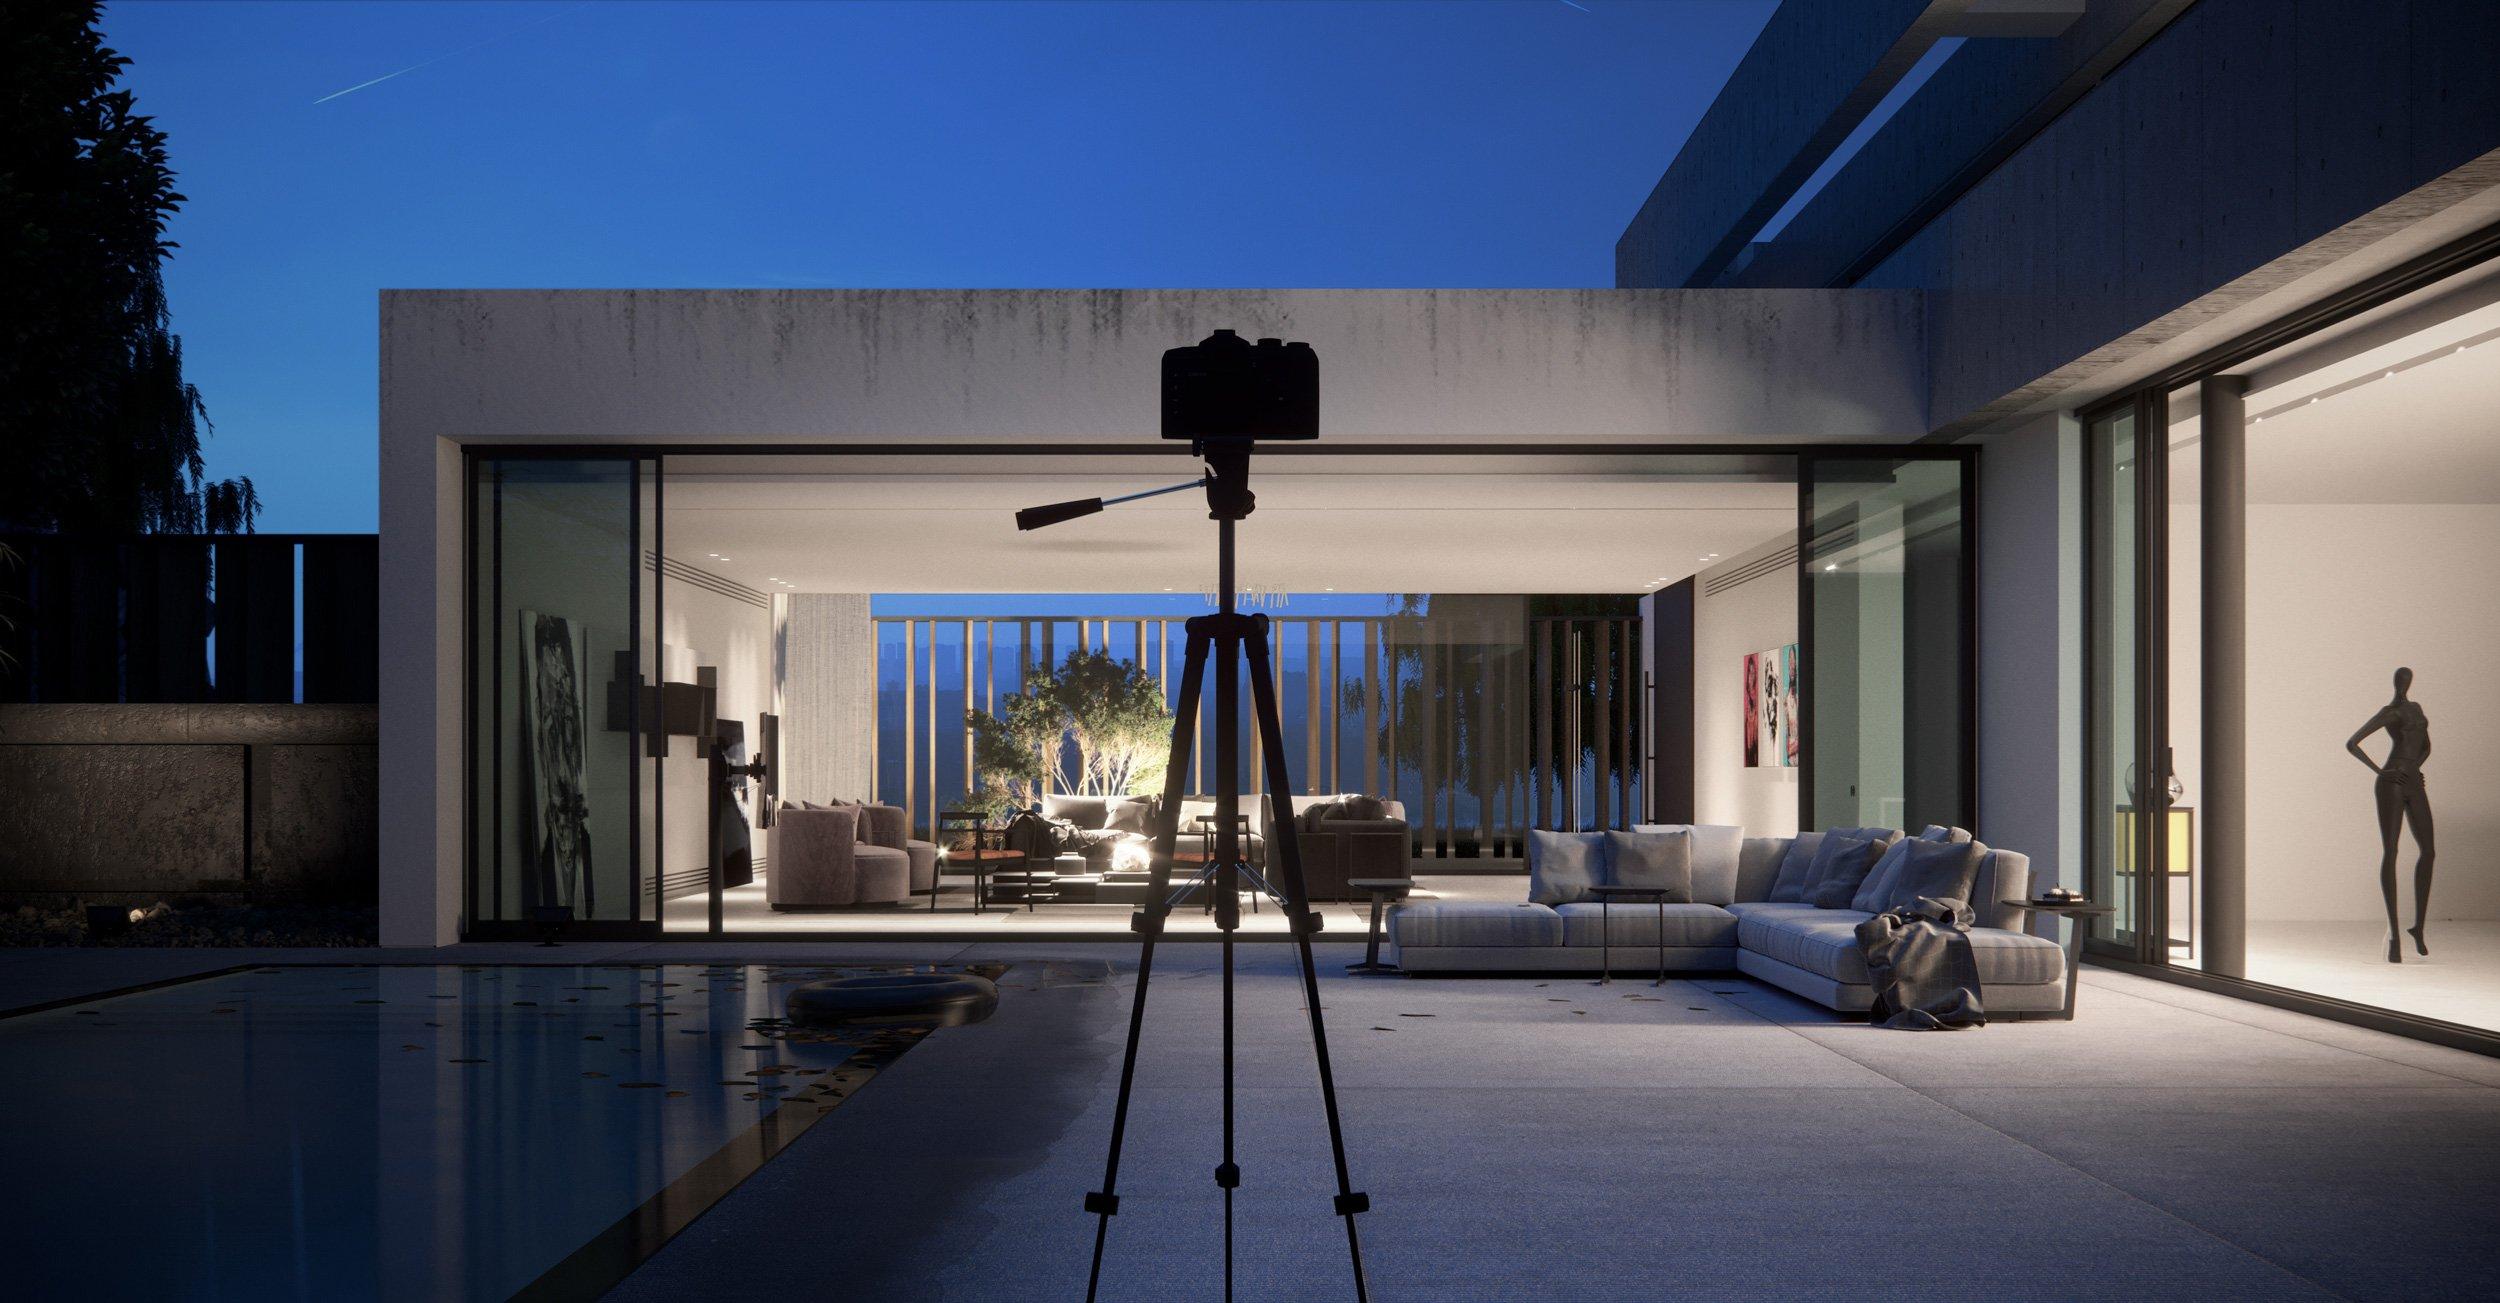 Interior Design CGI